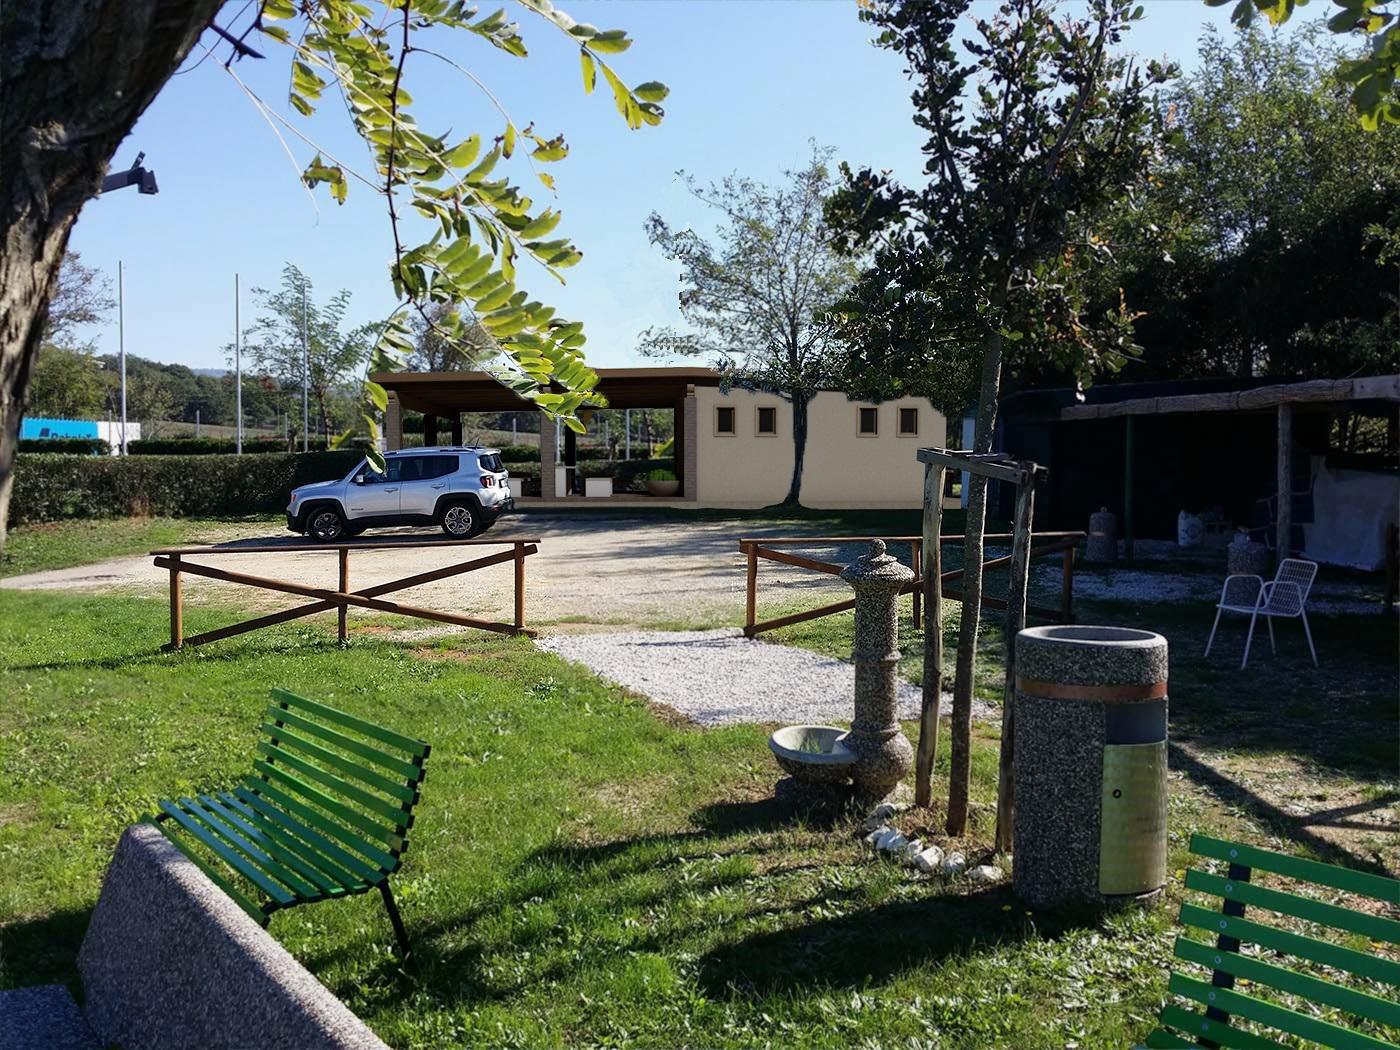 Lavori di riqualificazione ed adeguamento igienico tecnico-funzionale della struttura turistica sportiva in località Trentova